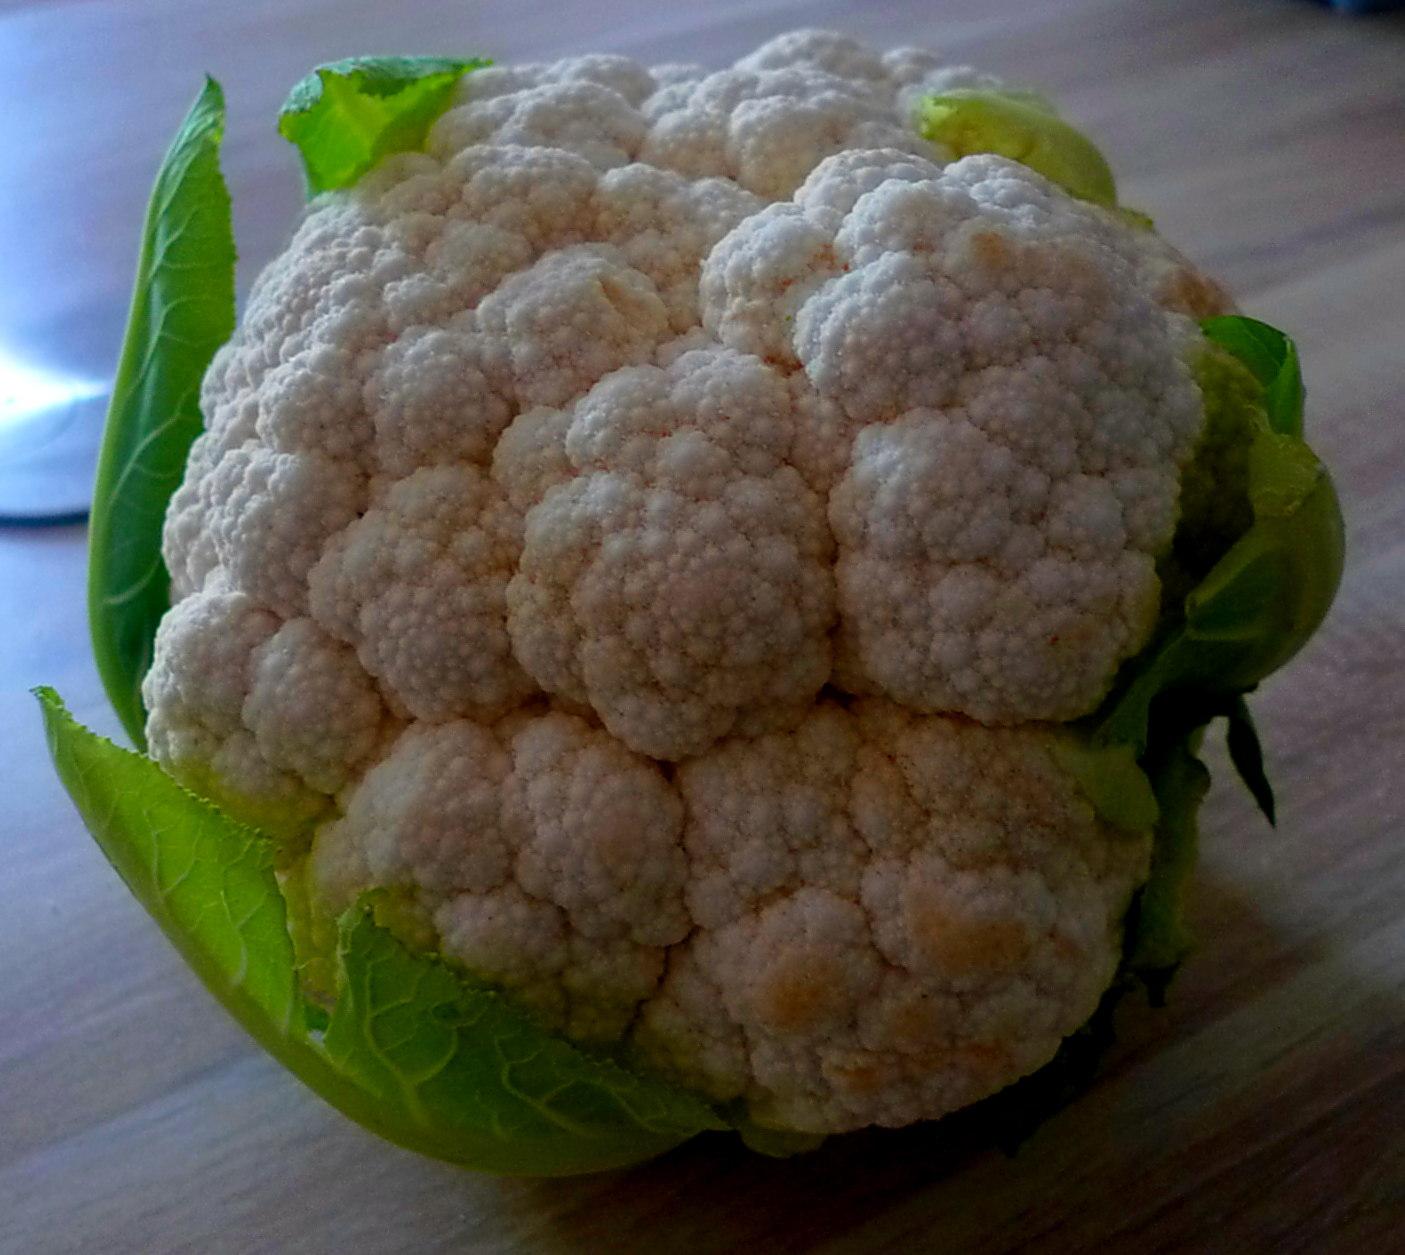 blumenkohl-mit-kokosmilch-und-meeresfruchtenreis-4